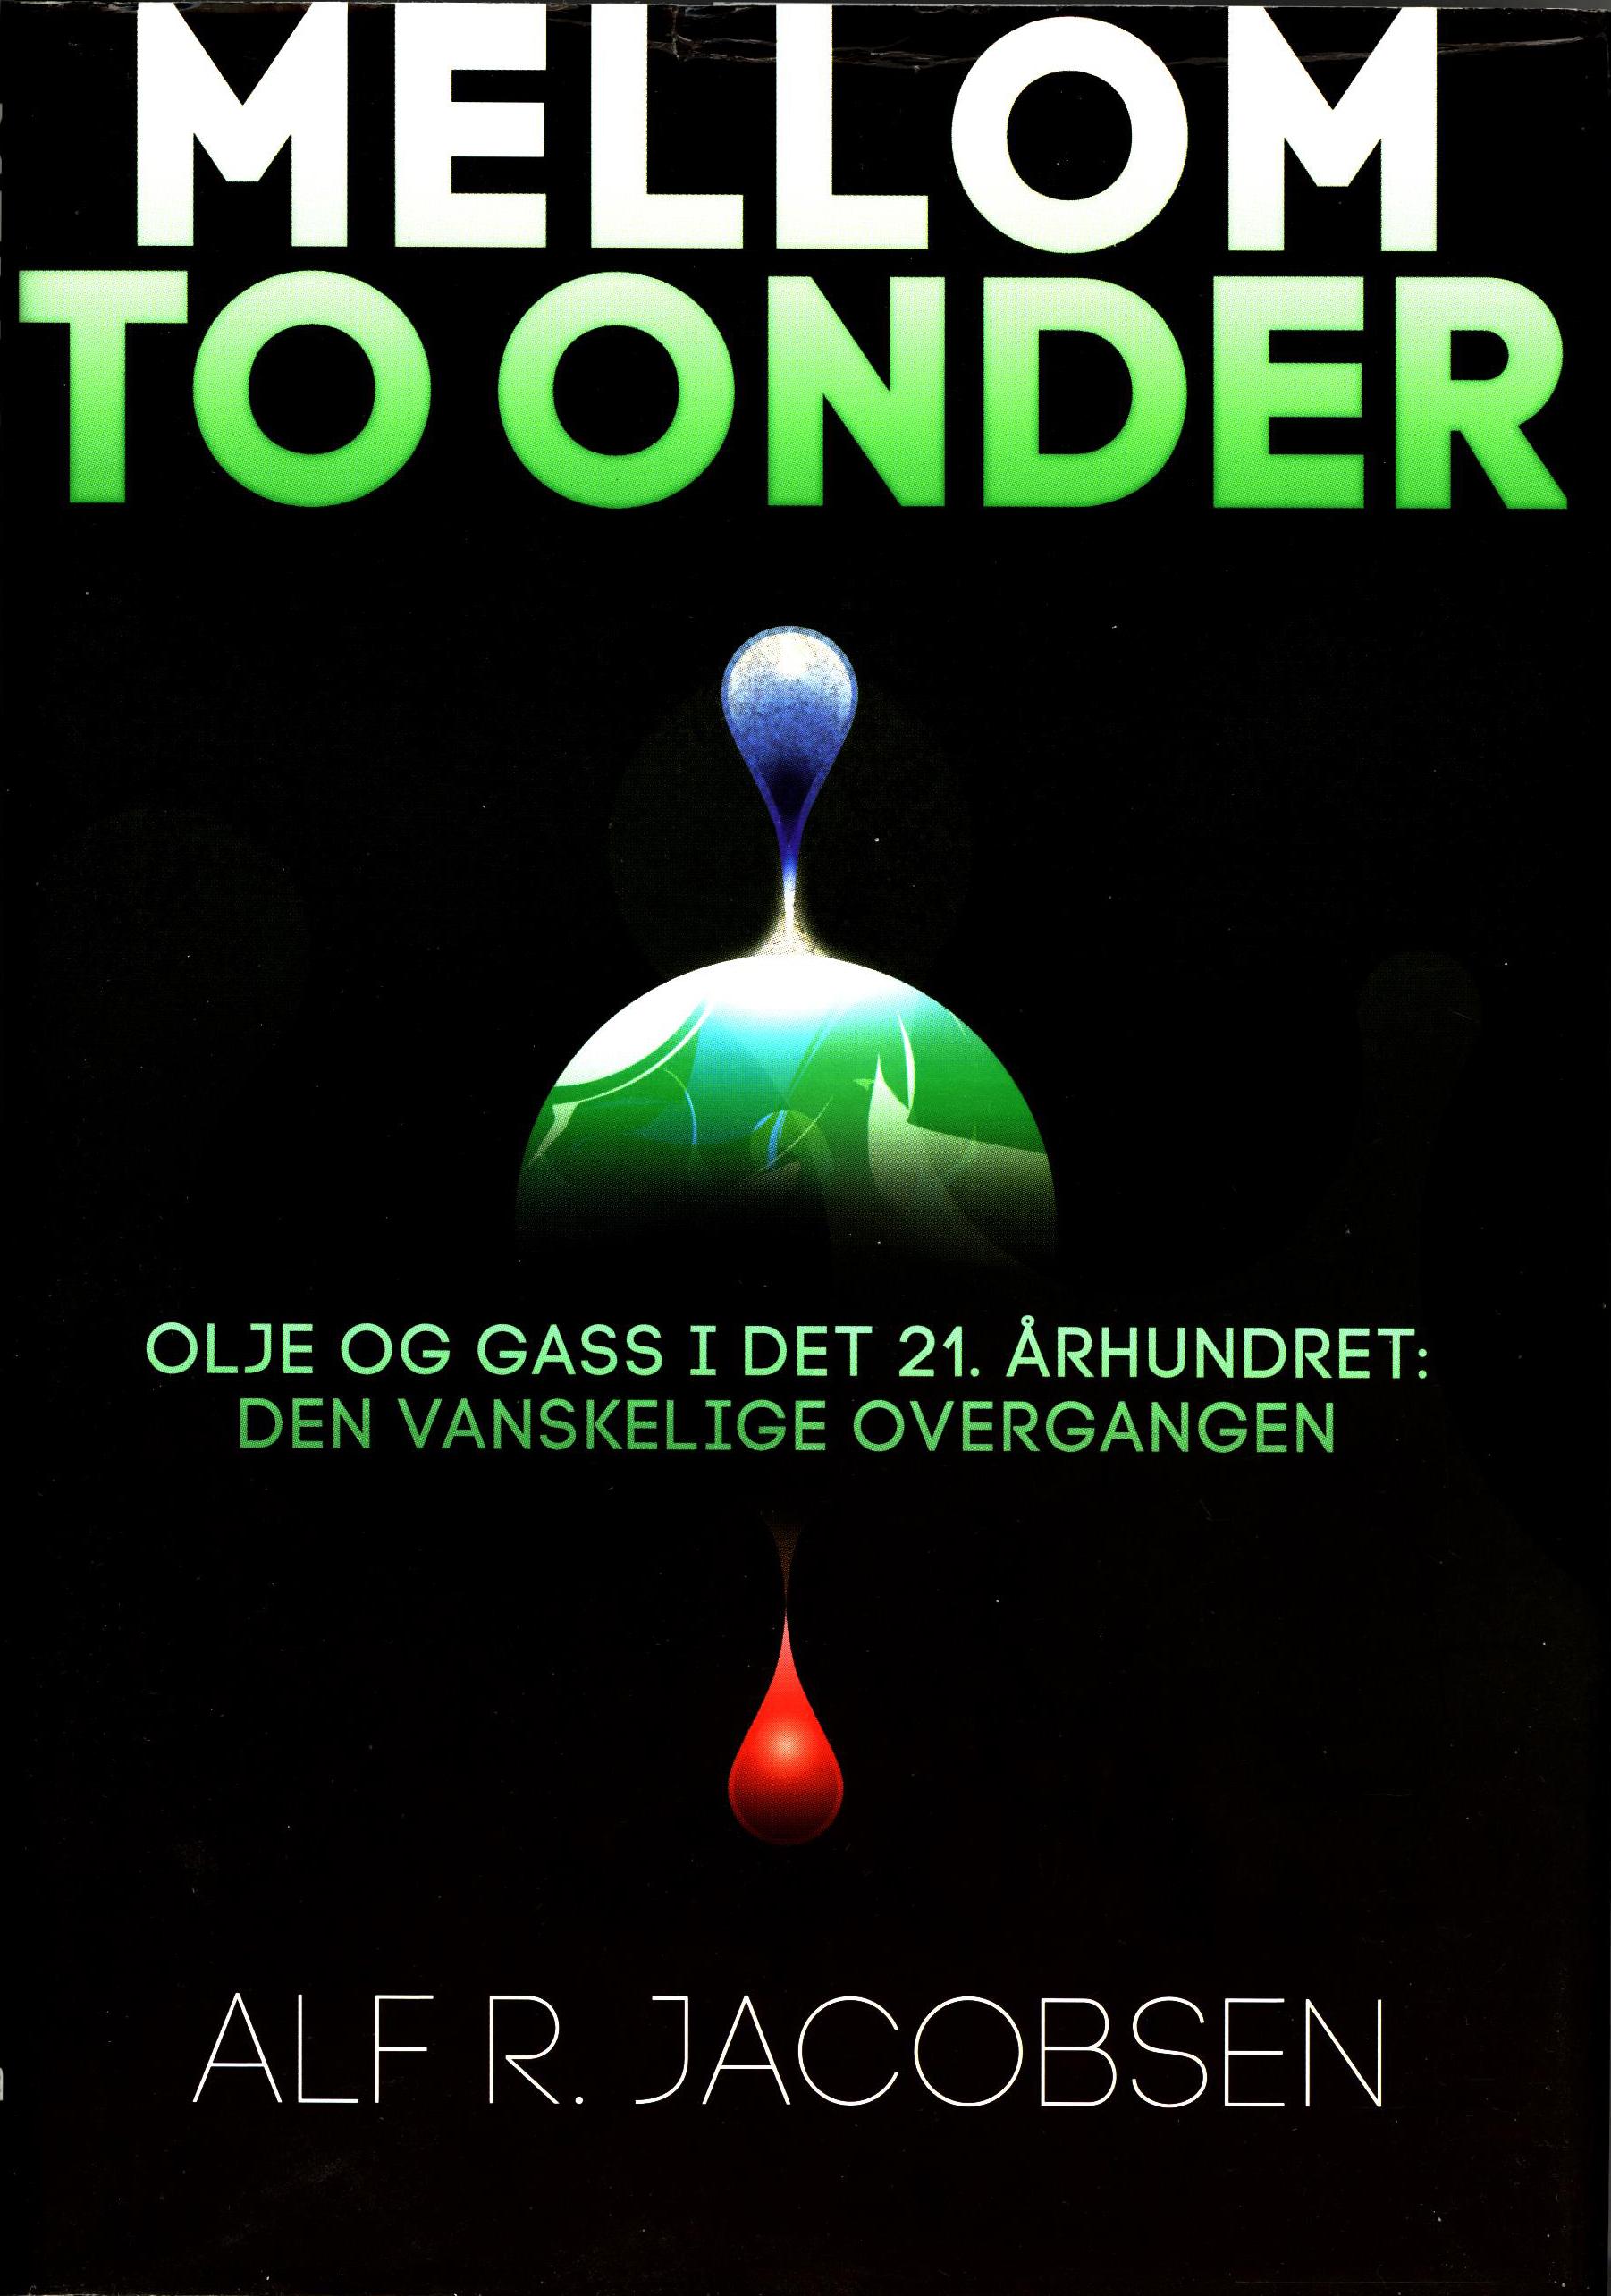 Alf R. Jacobsen: Mellom to onder - Olje og gass i det 21. århundret: den vanskelige overgangen